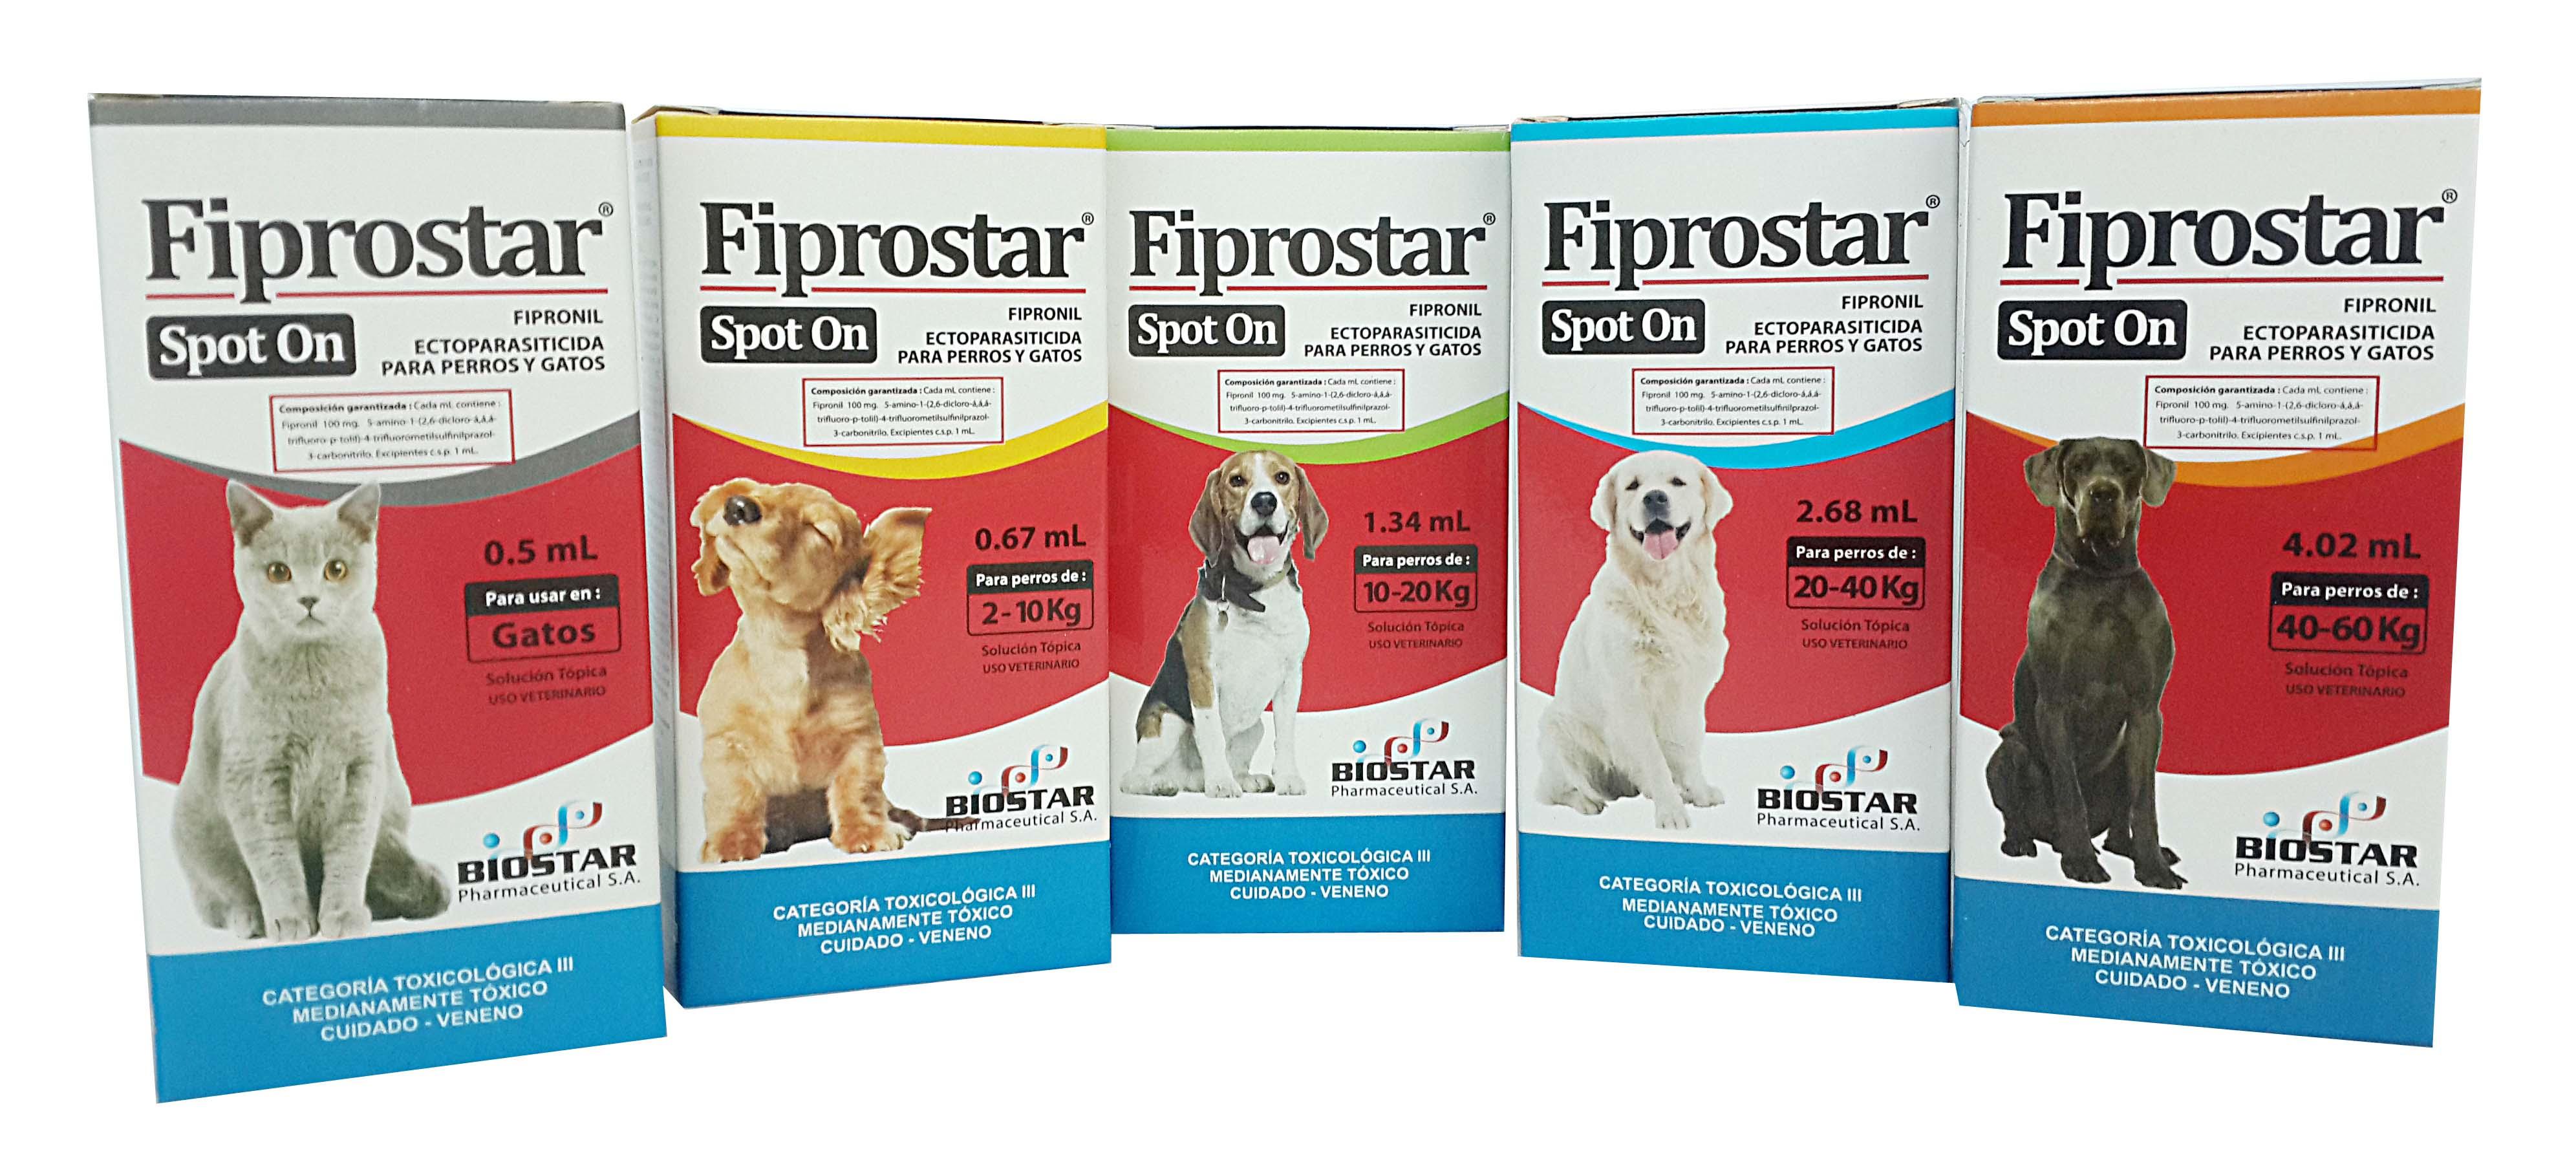 Fiprostar spot on